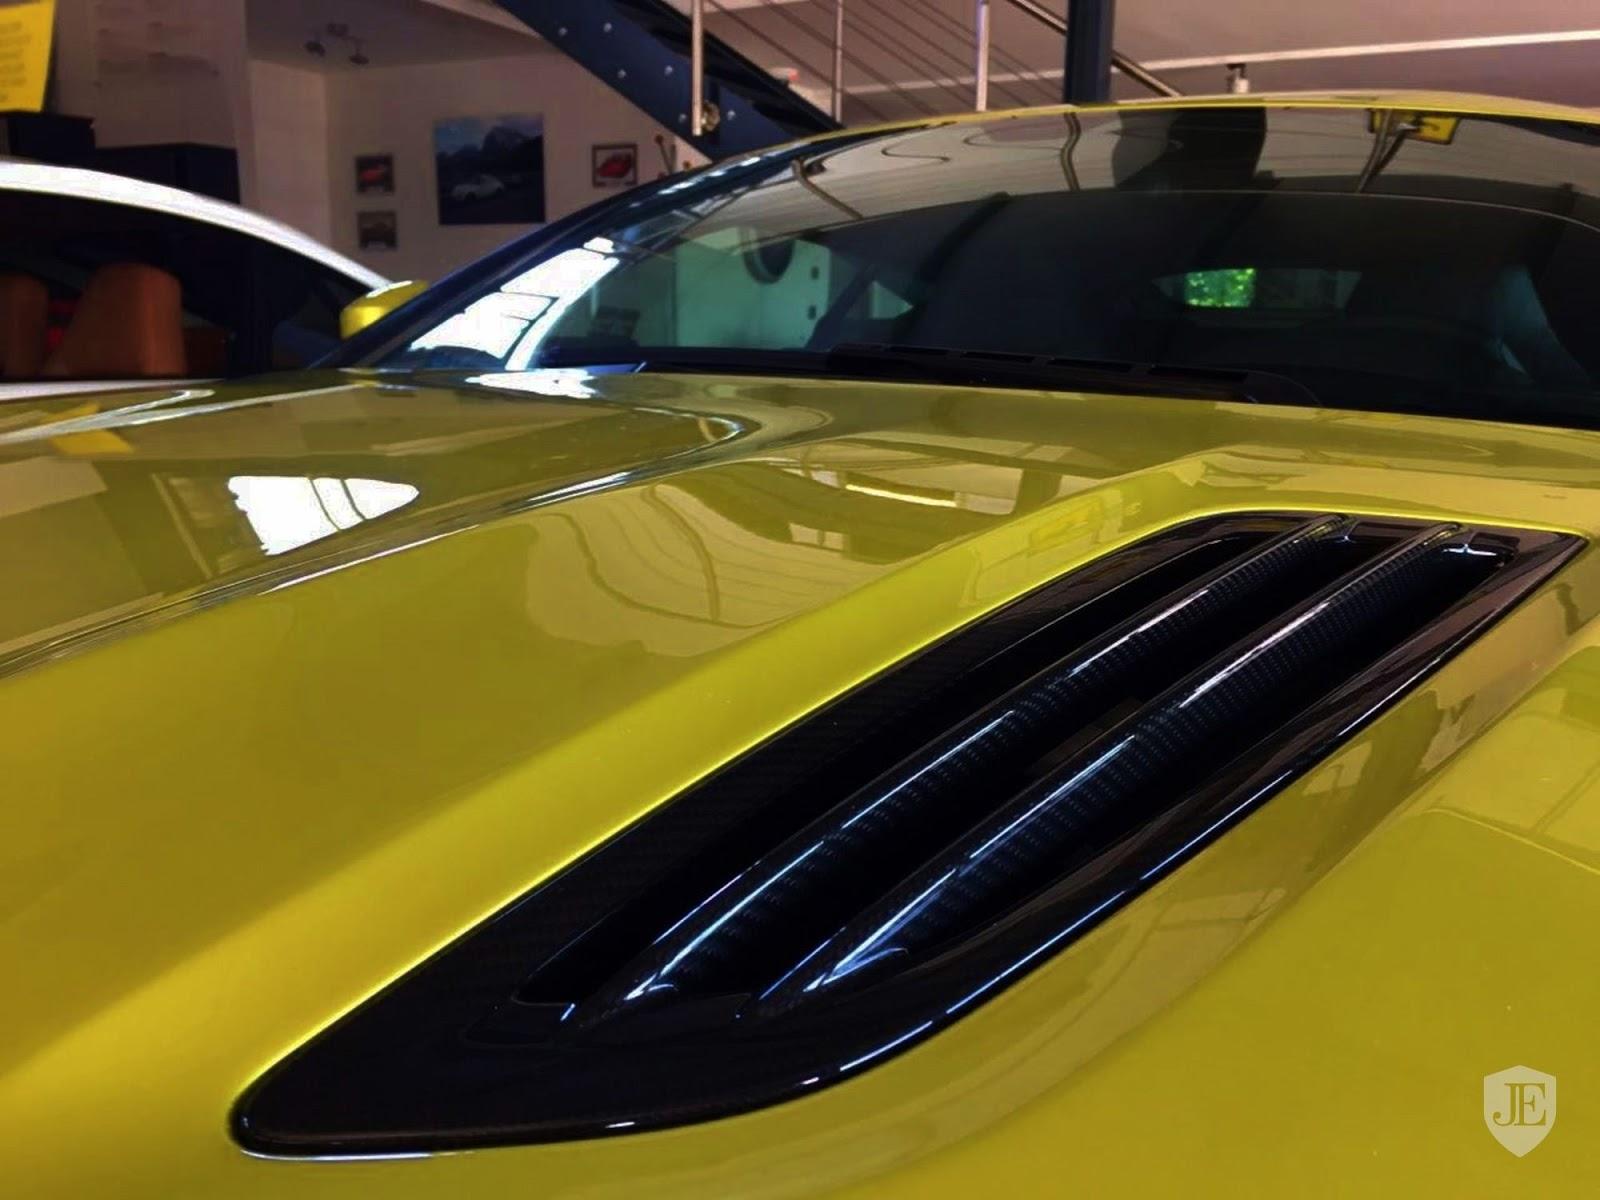 Aston Martin Vanquish Zagato yellow (15)